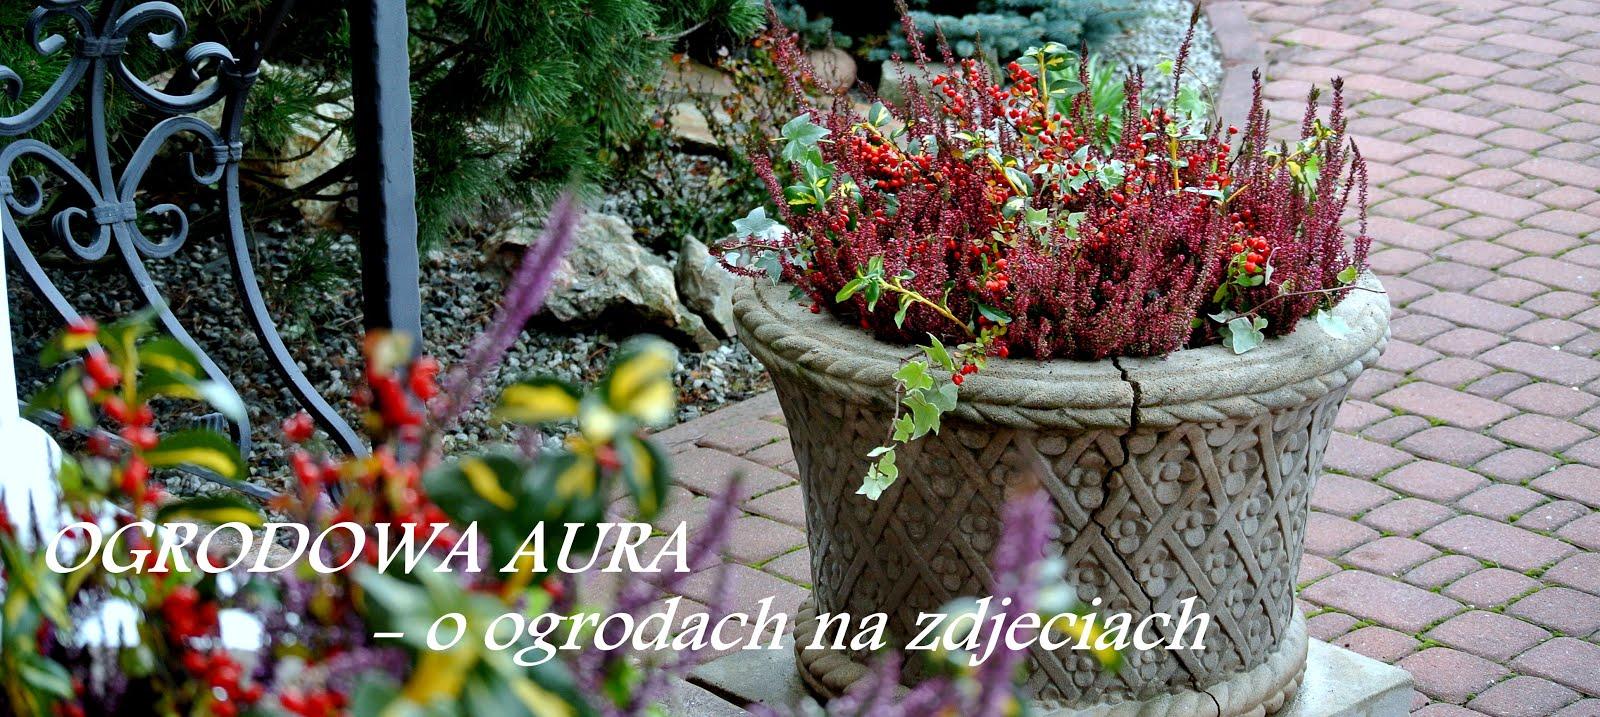 OGRODOWA AURA - o ogrodach na zdjęciach